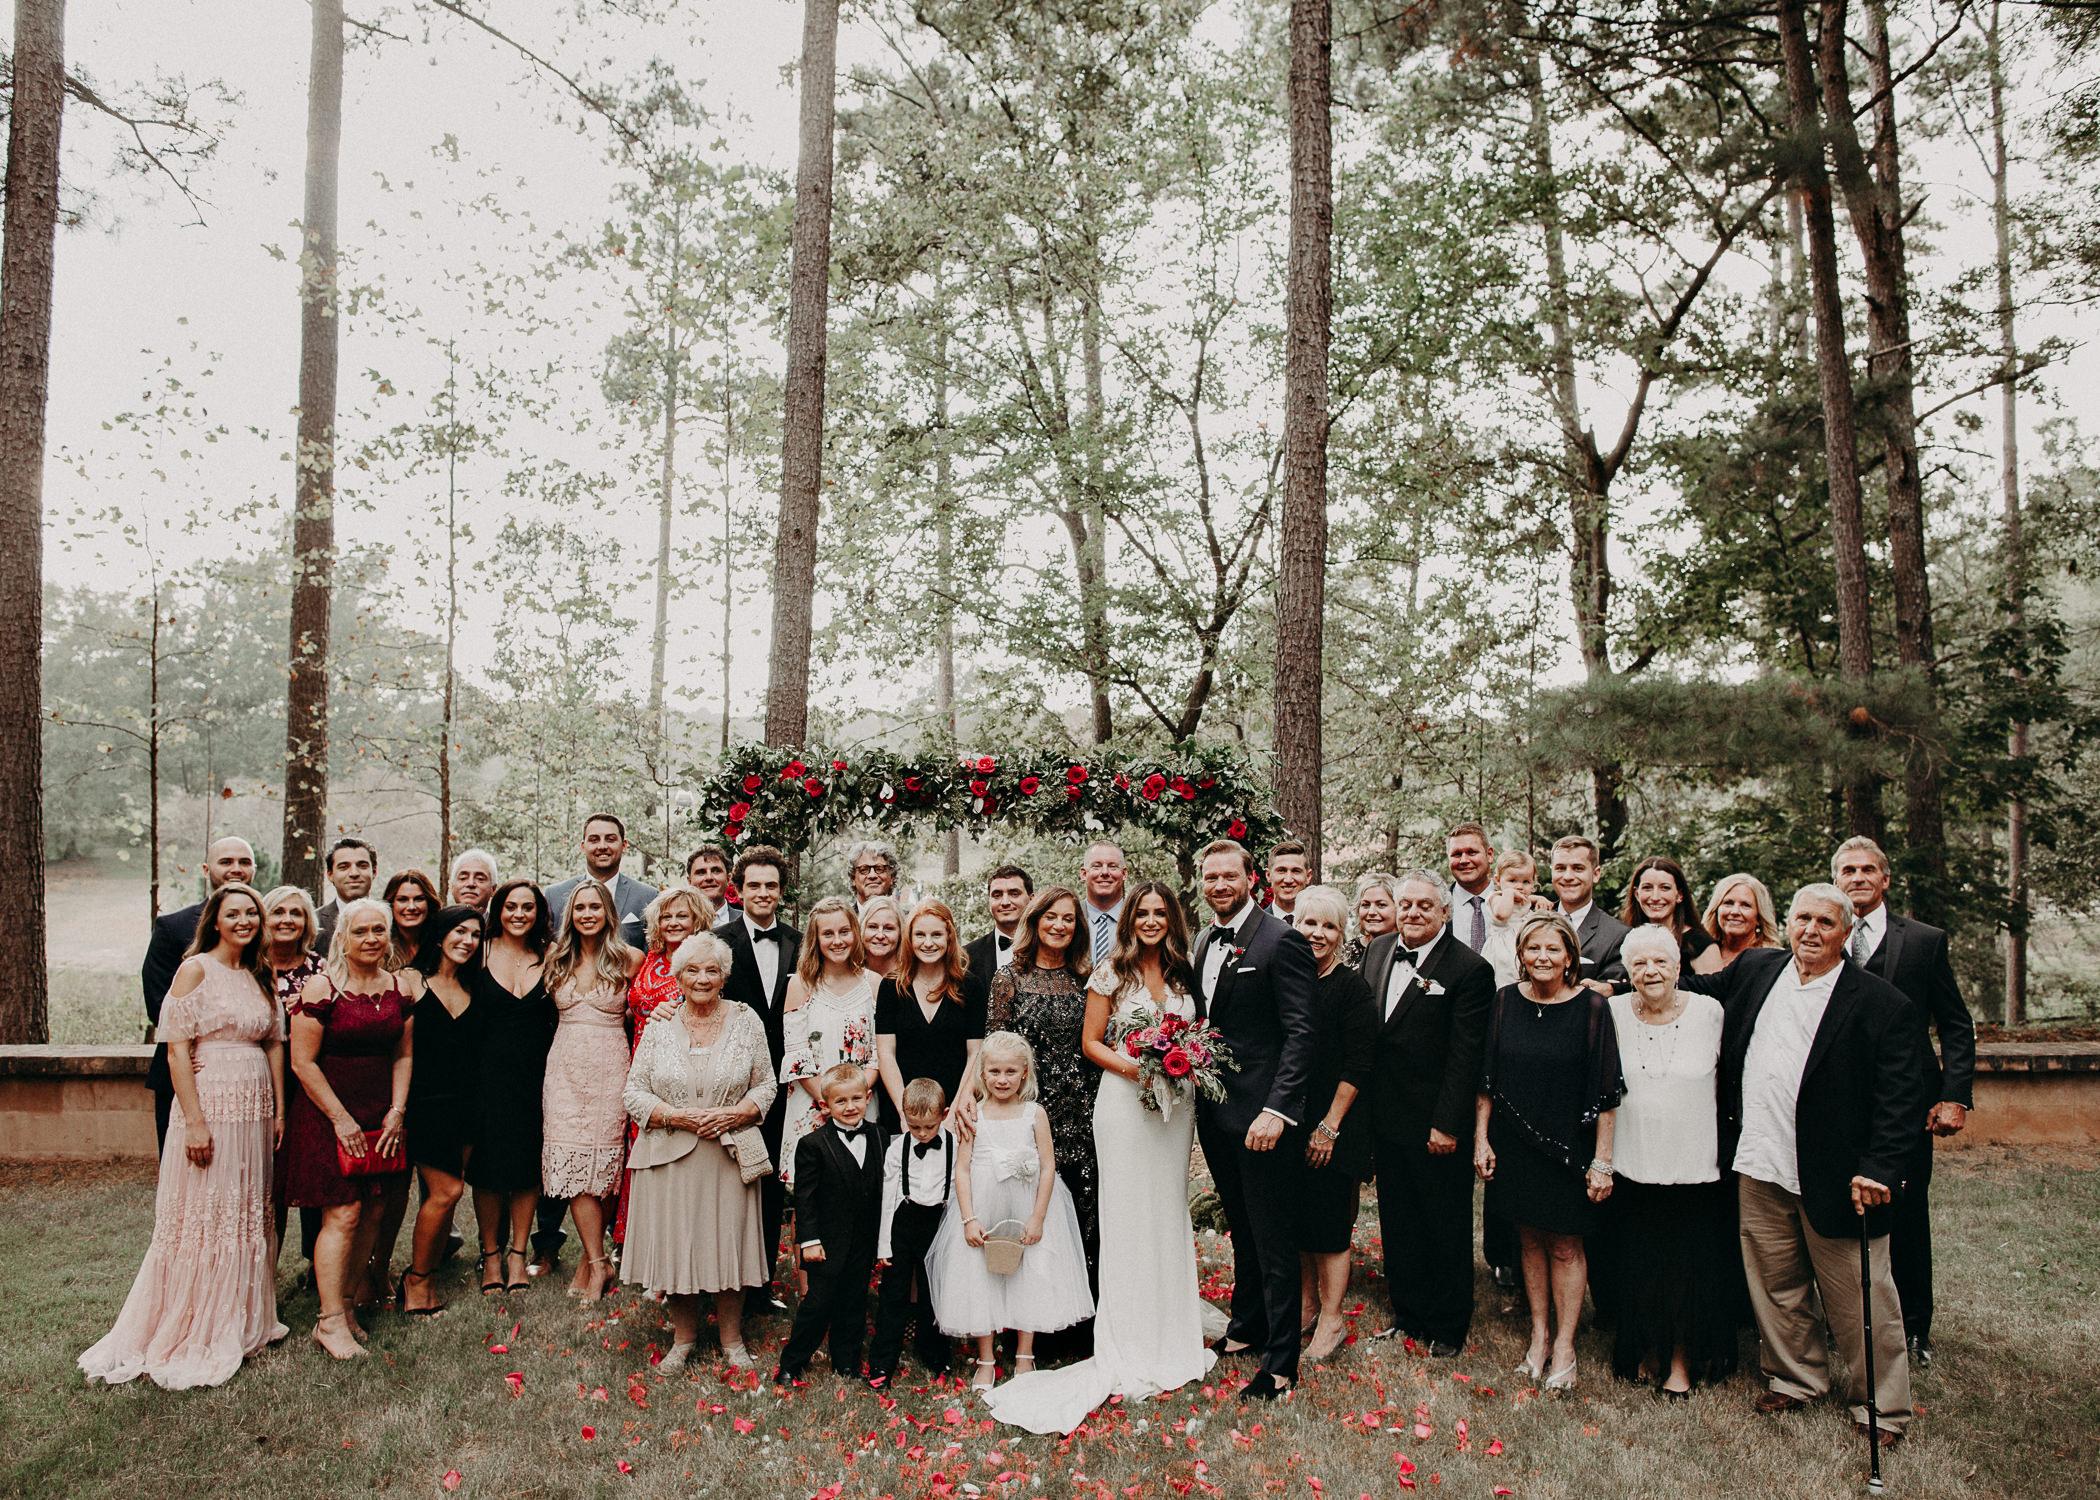 74 - Family Portrait at a wedding serenbi farms atlanta .jpg